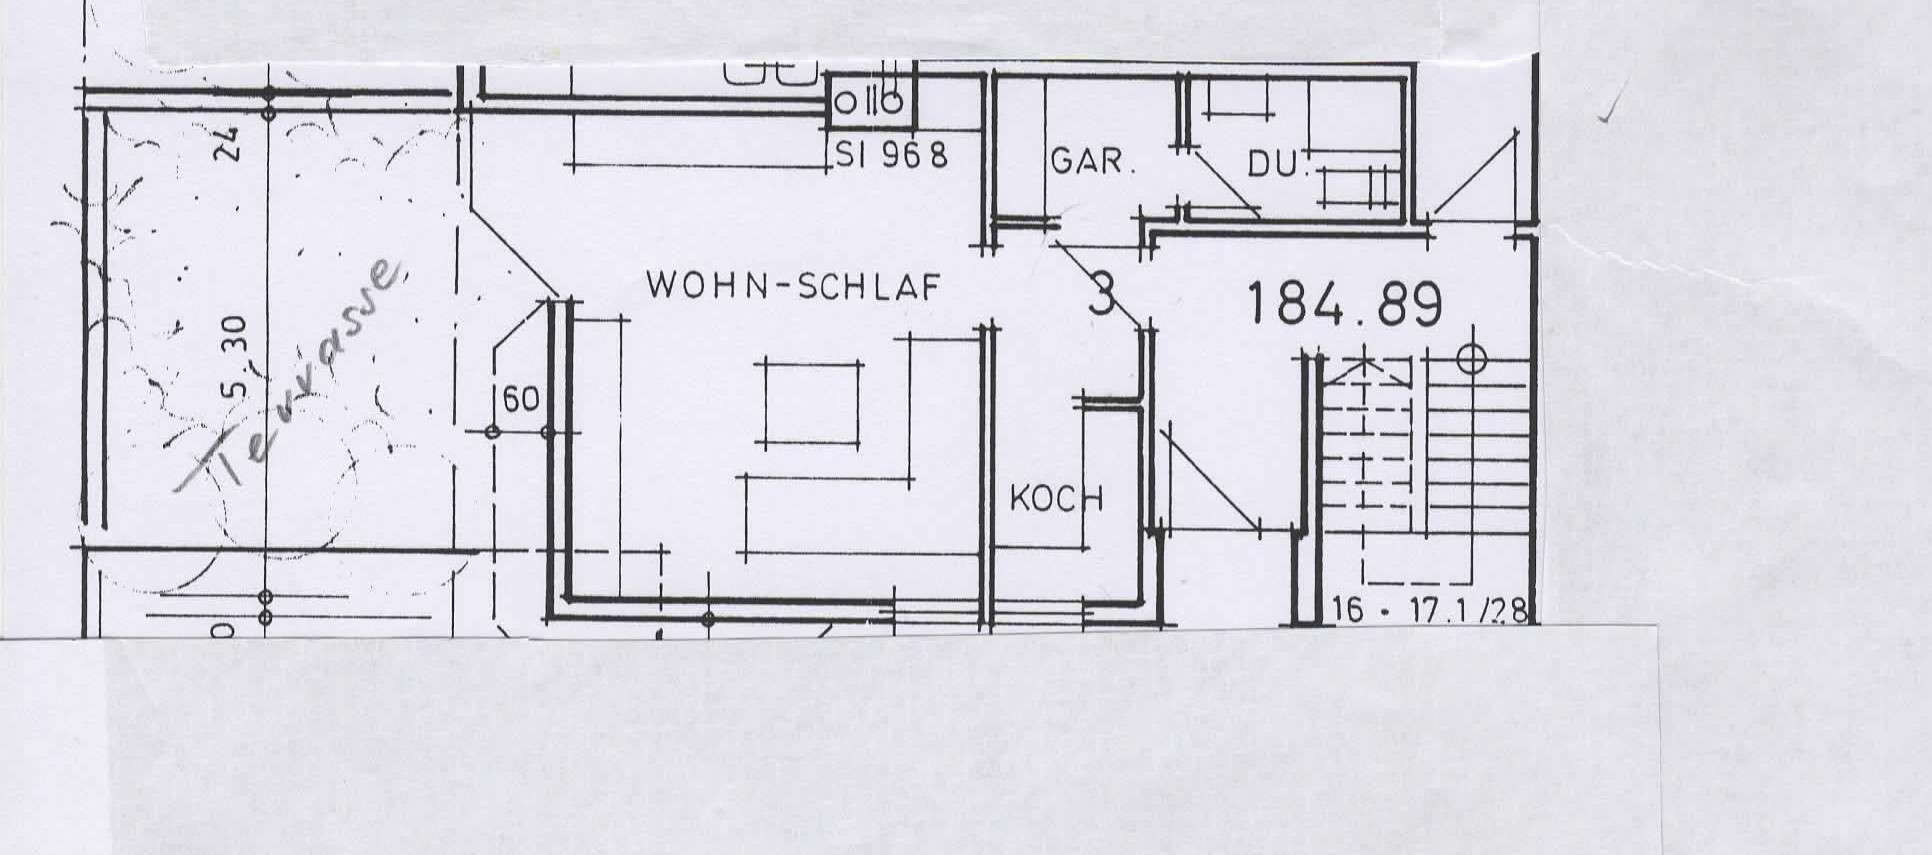 gepflegte 1-Zimmer-Wohnung in Würzburg /Stadtrandlage in